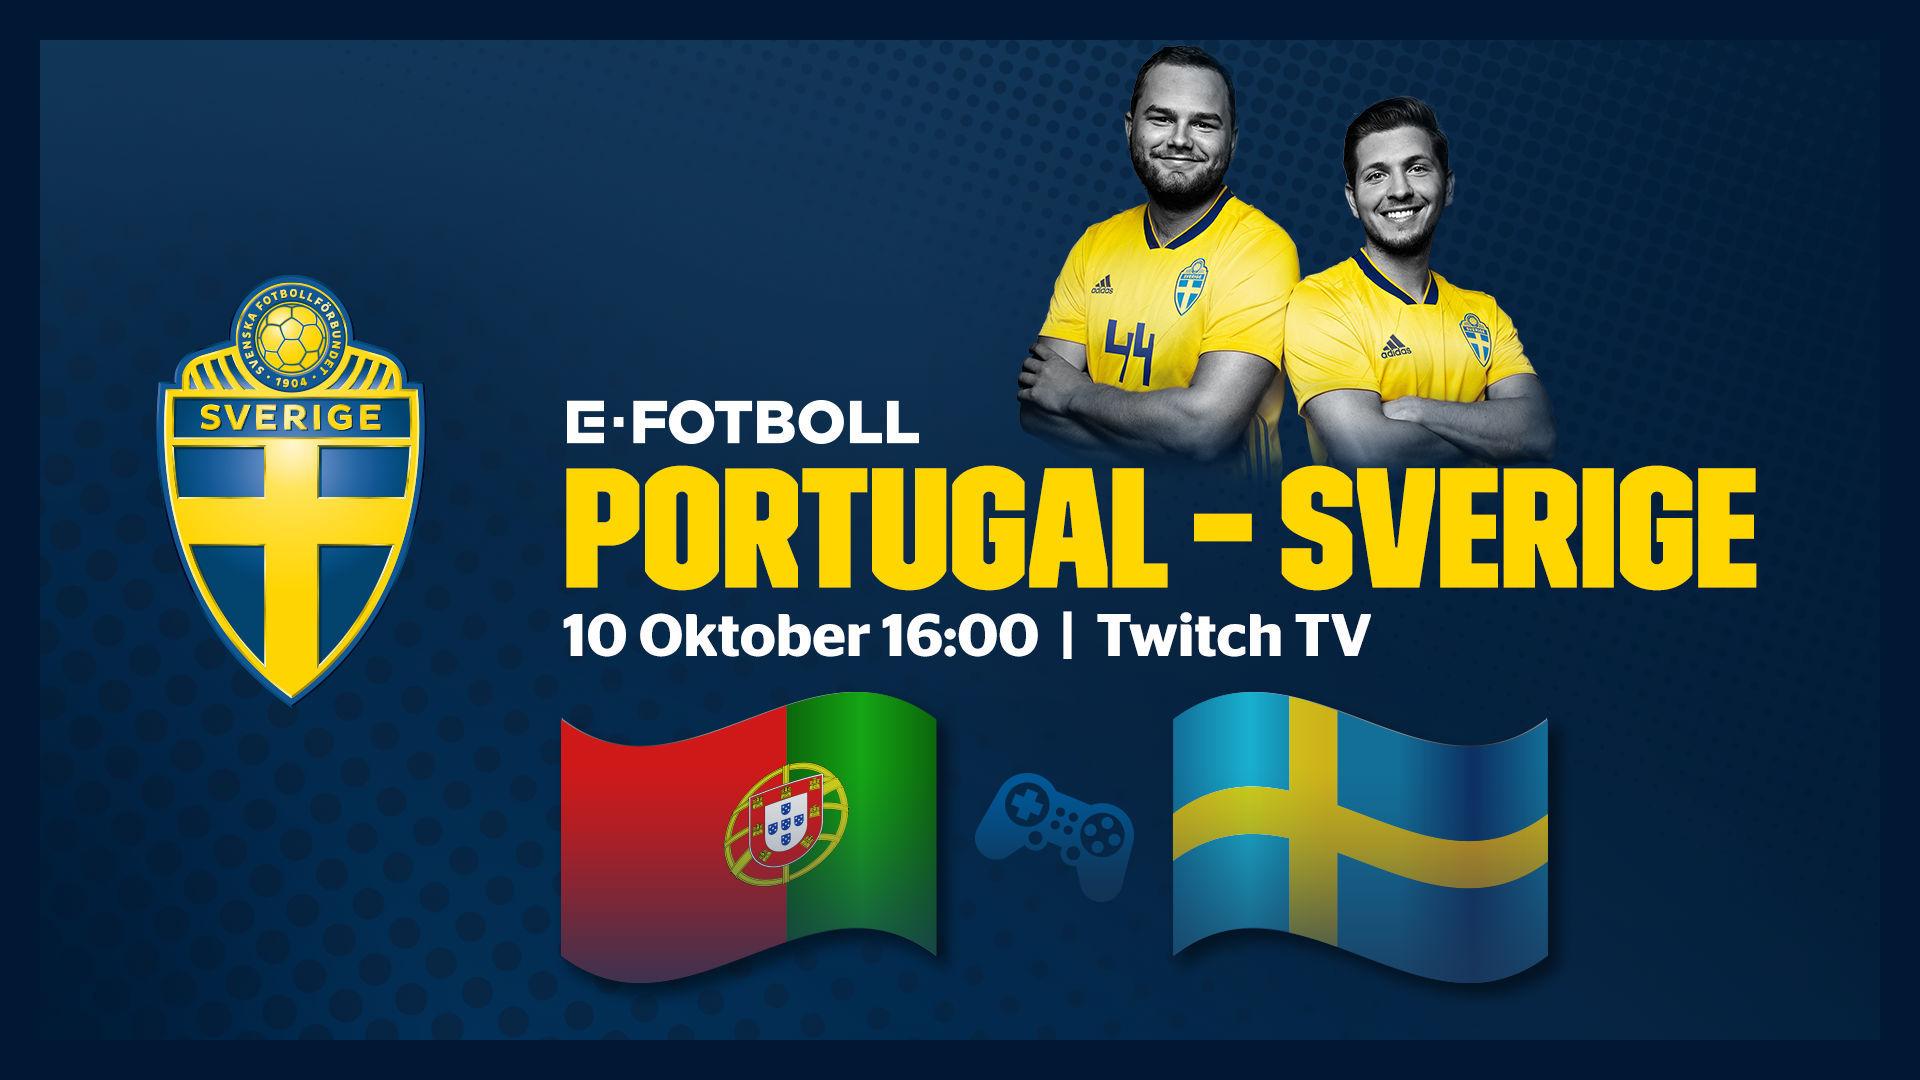 Idag spelas Sveriges första landskamp i FIFA